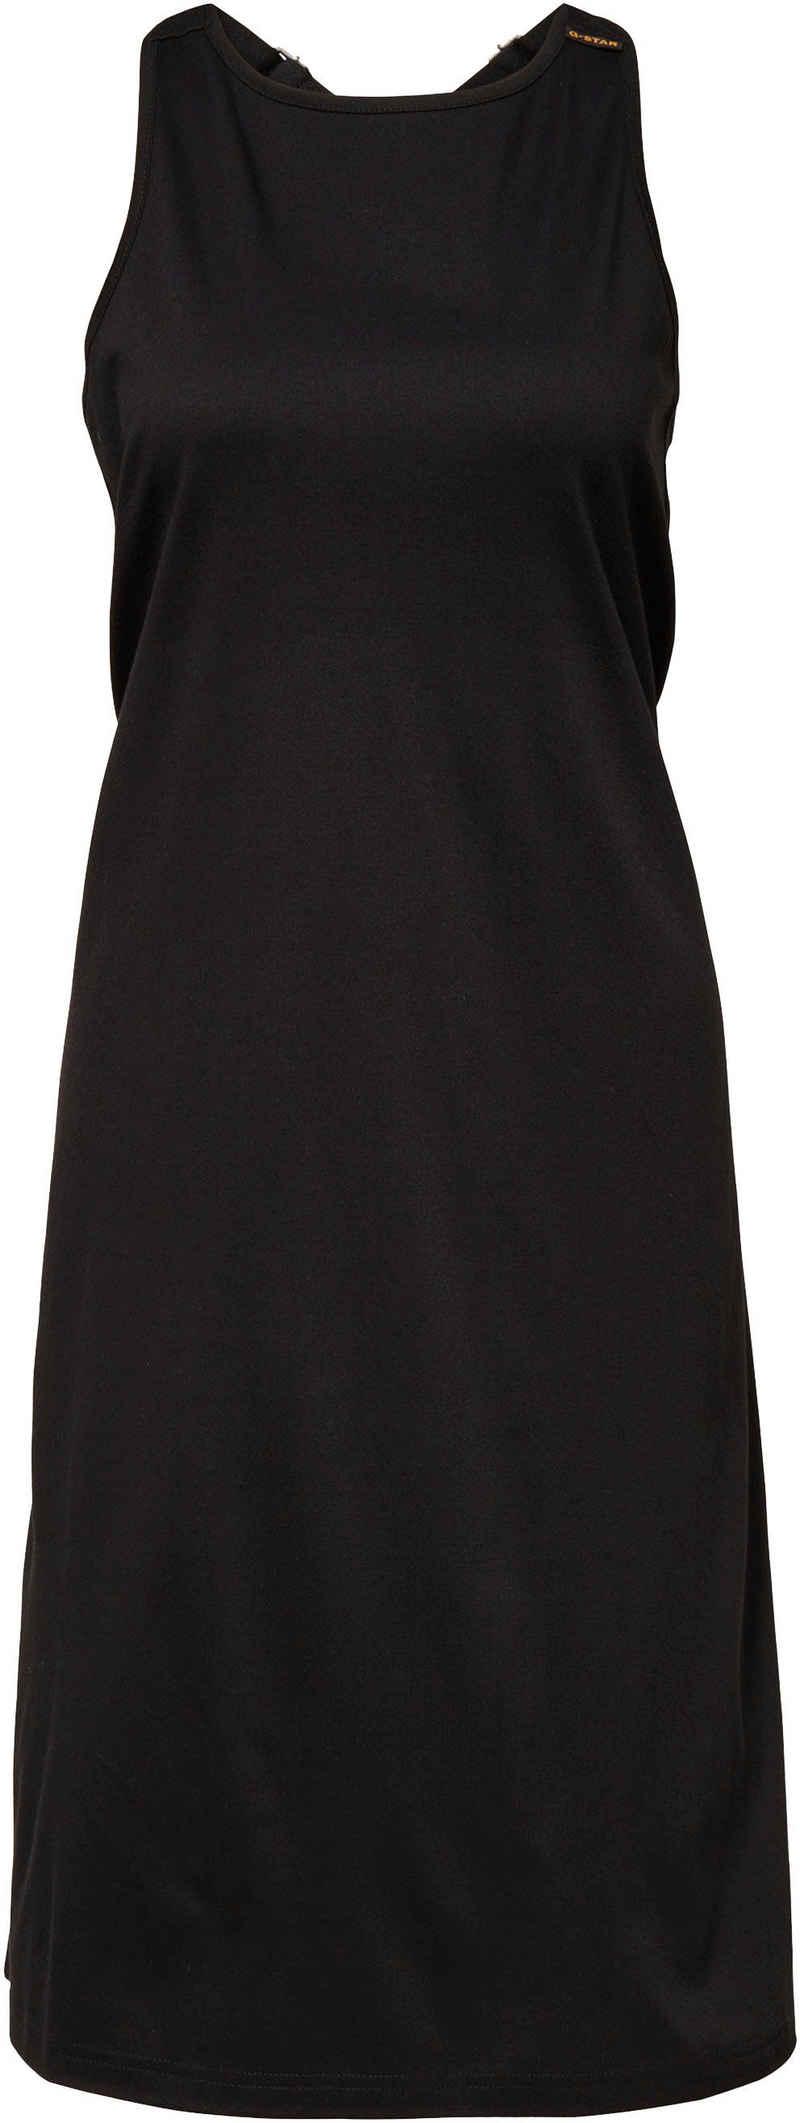 G-Star RAW Jerseykleid »Kleid A-line dungaree dress« mit verstellbaren Trägern hinten